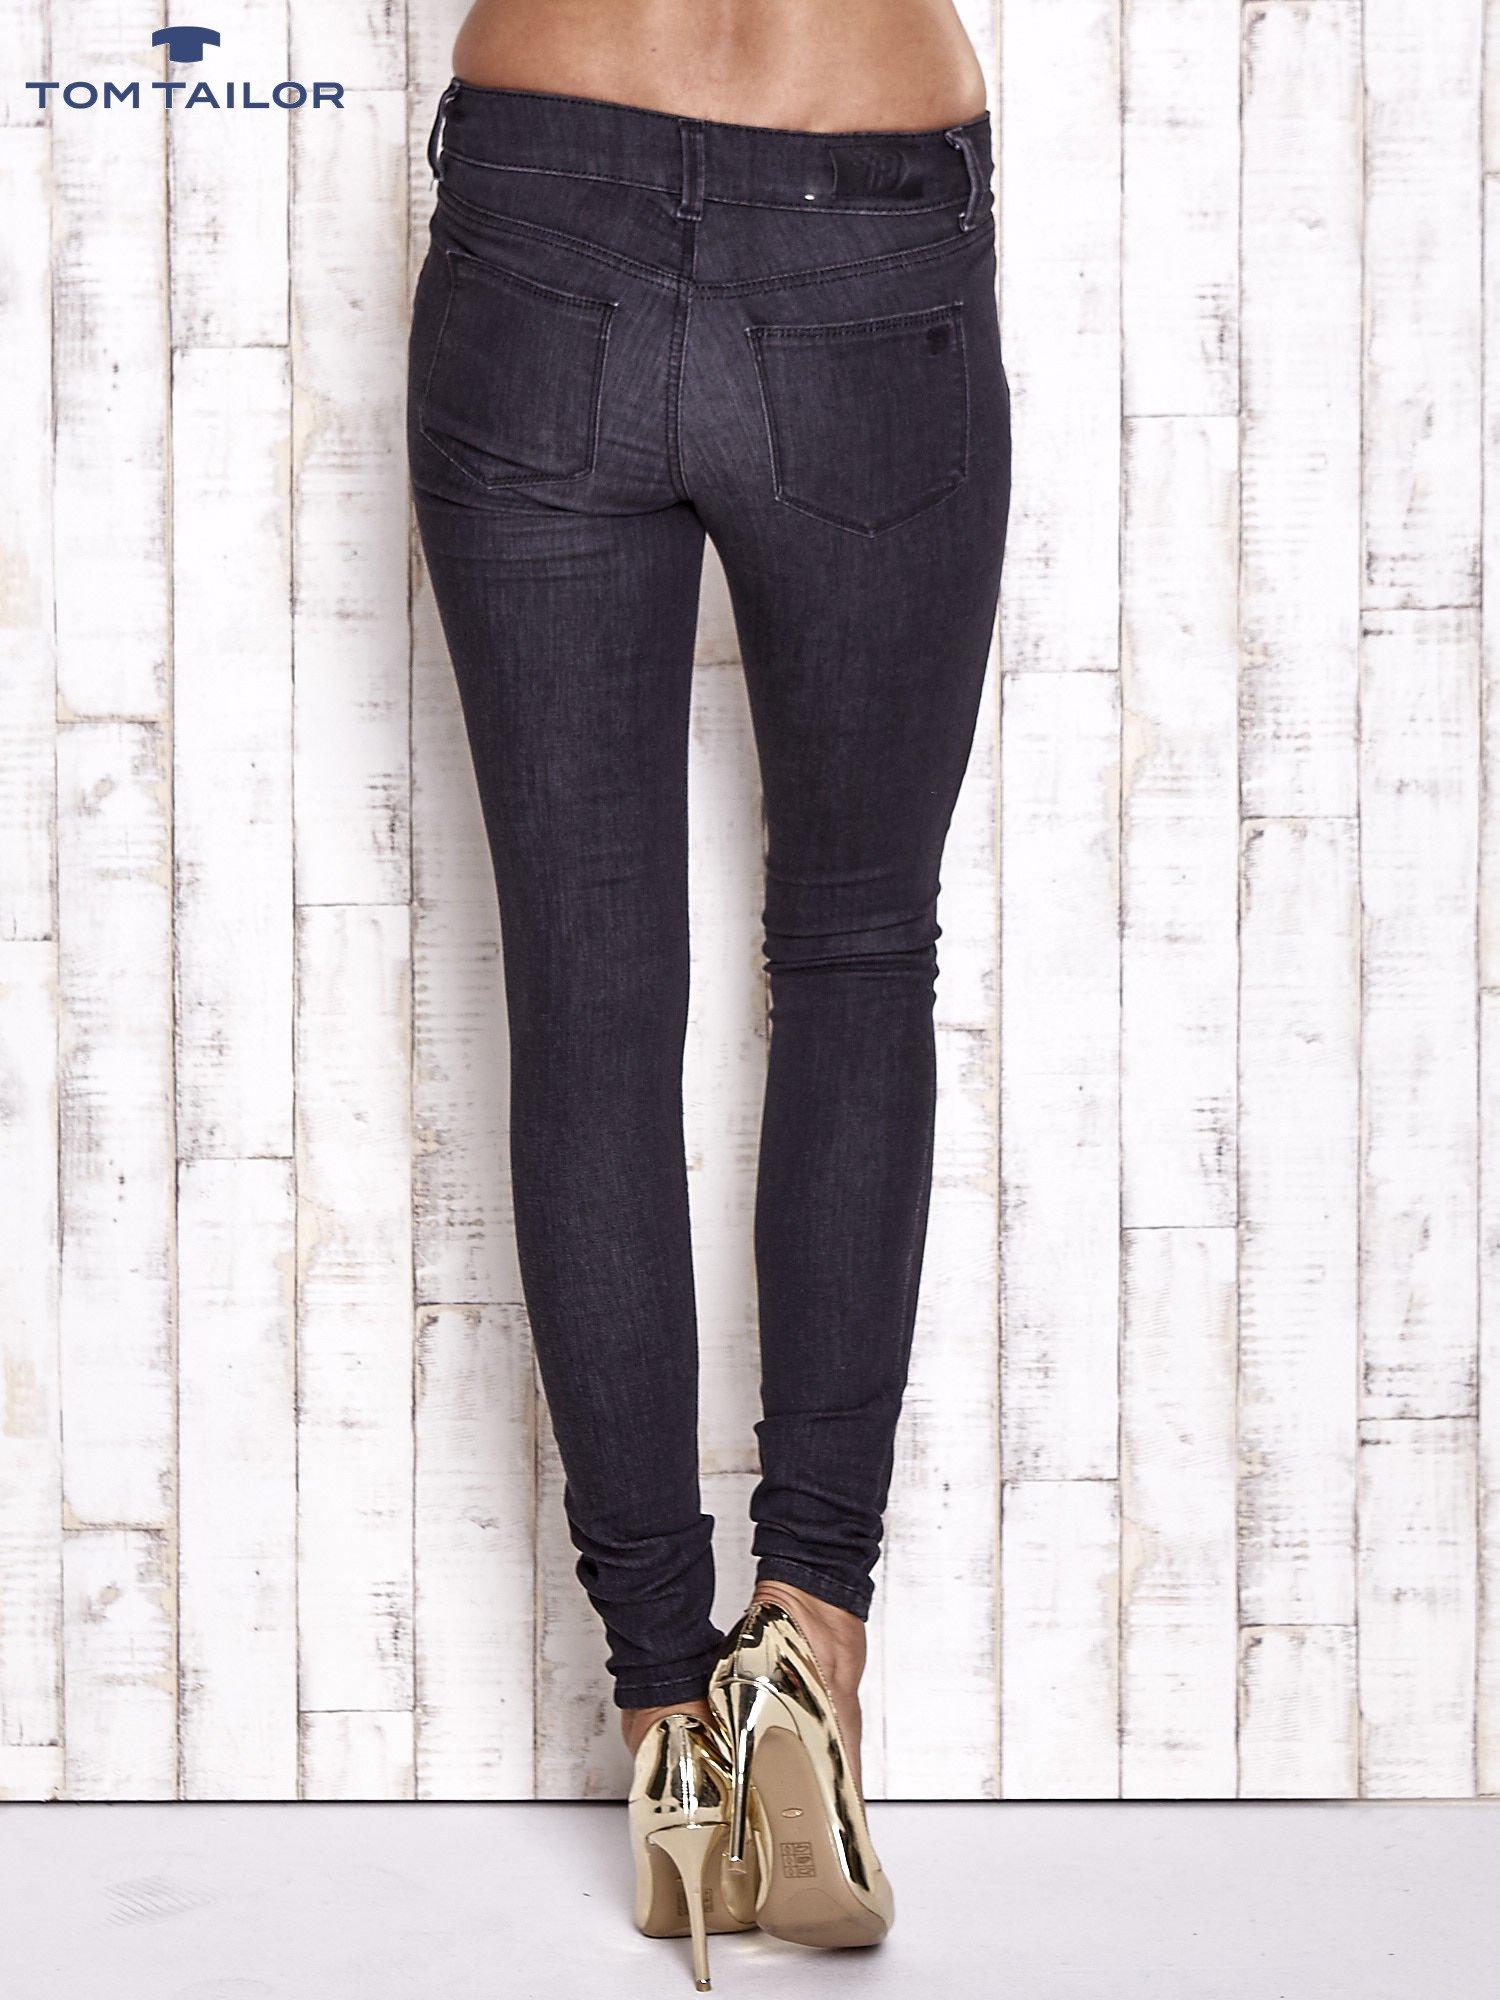 TOM TAILOR Czarne spodnie jeansowe ze stretchem                                  zdj.                                  2